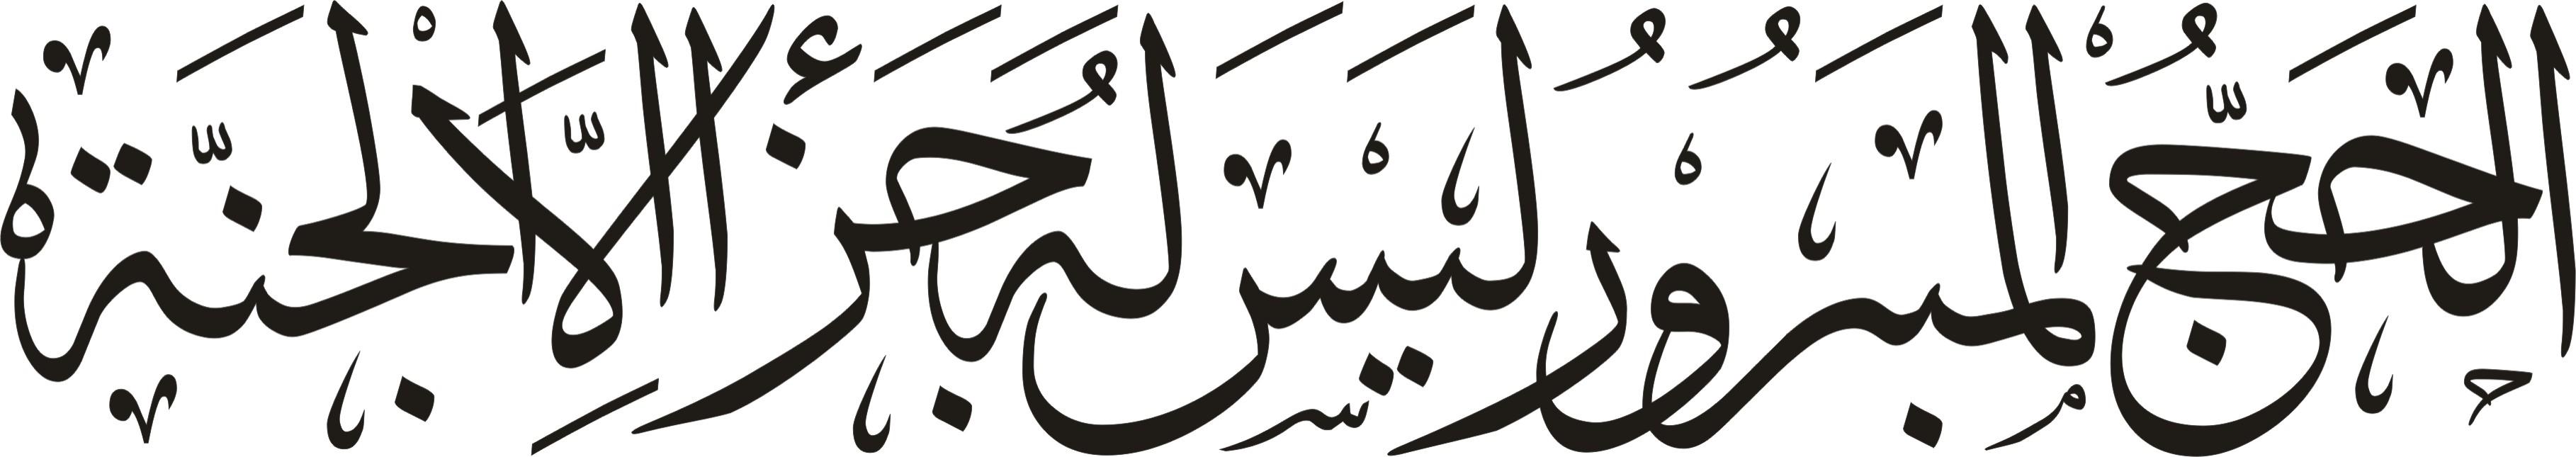 tulisan kaligrafi